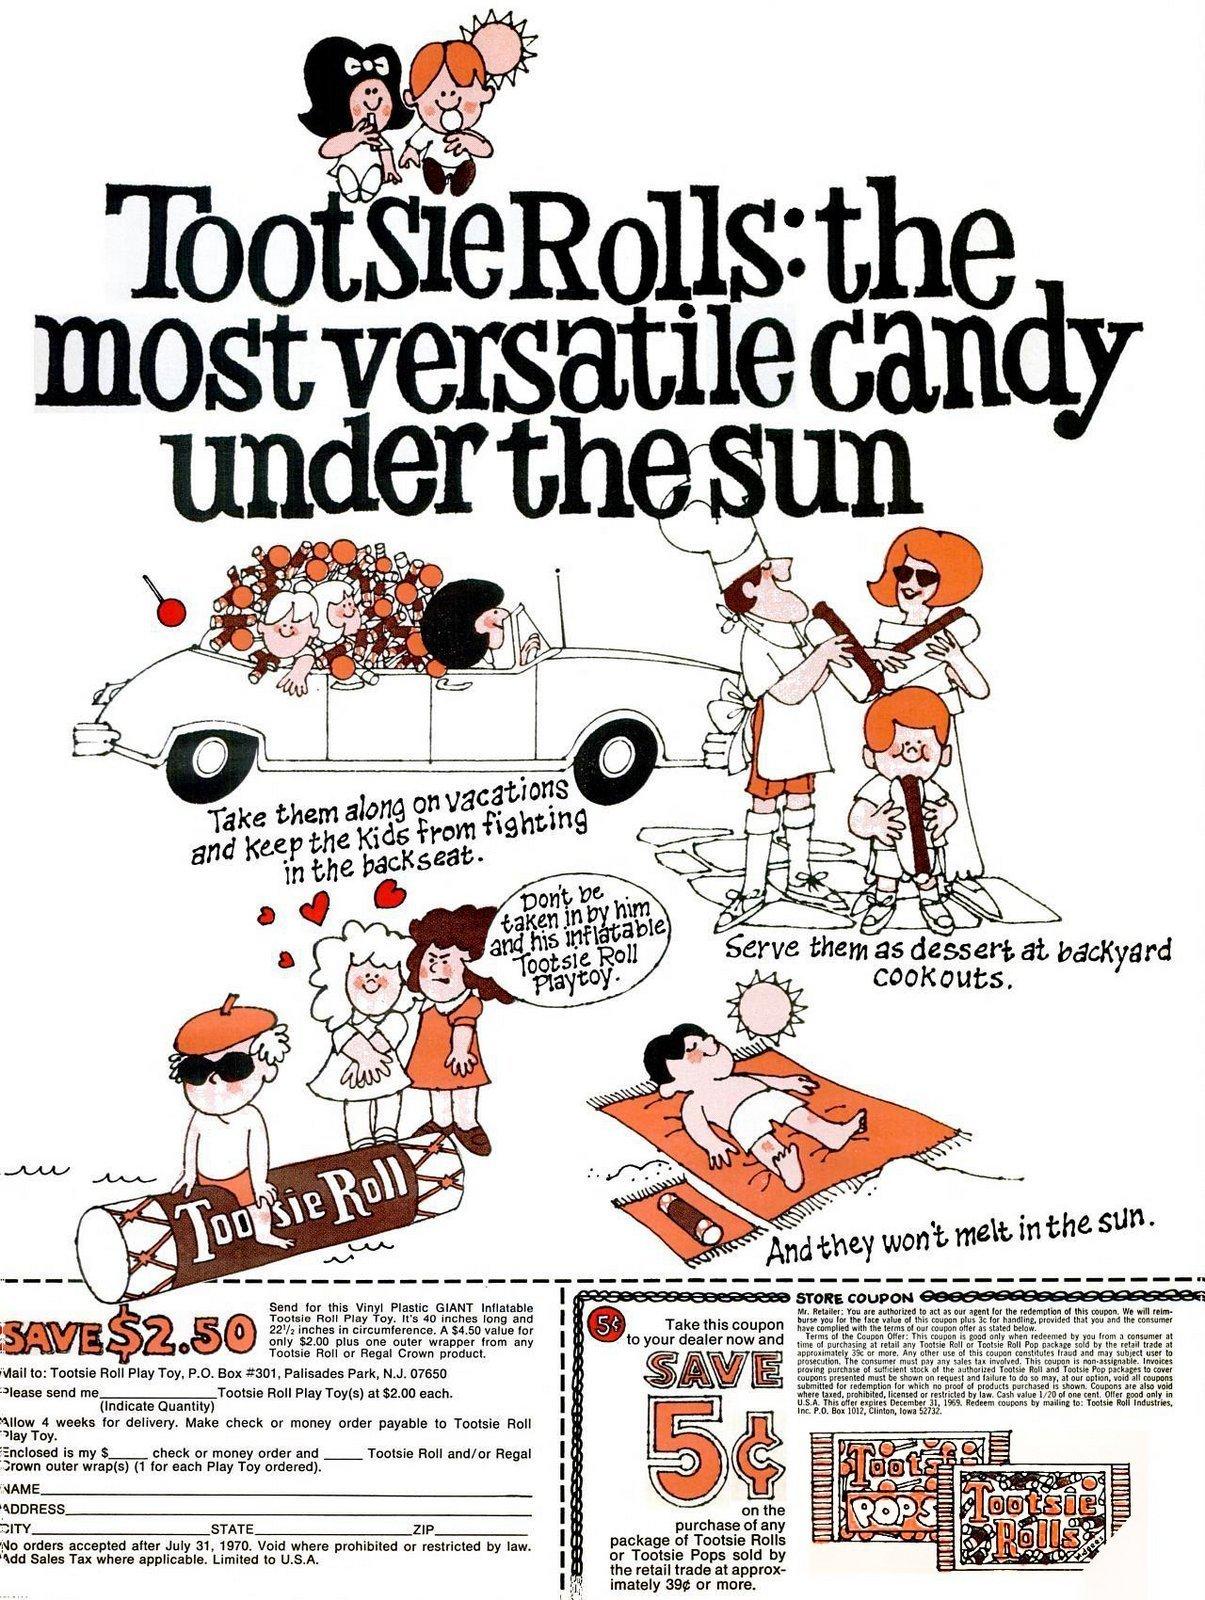 Tootsie Rolls - Versatile candy (1969)